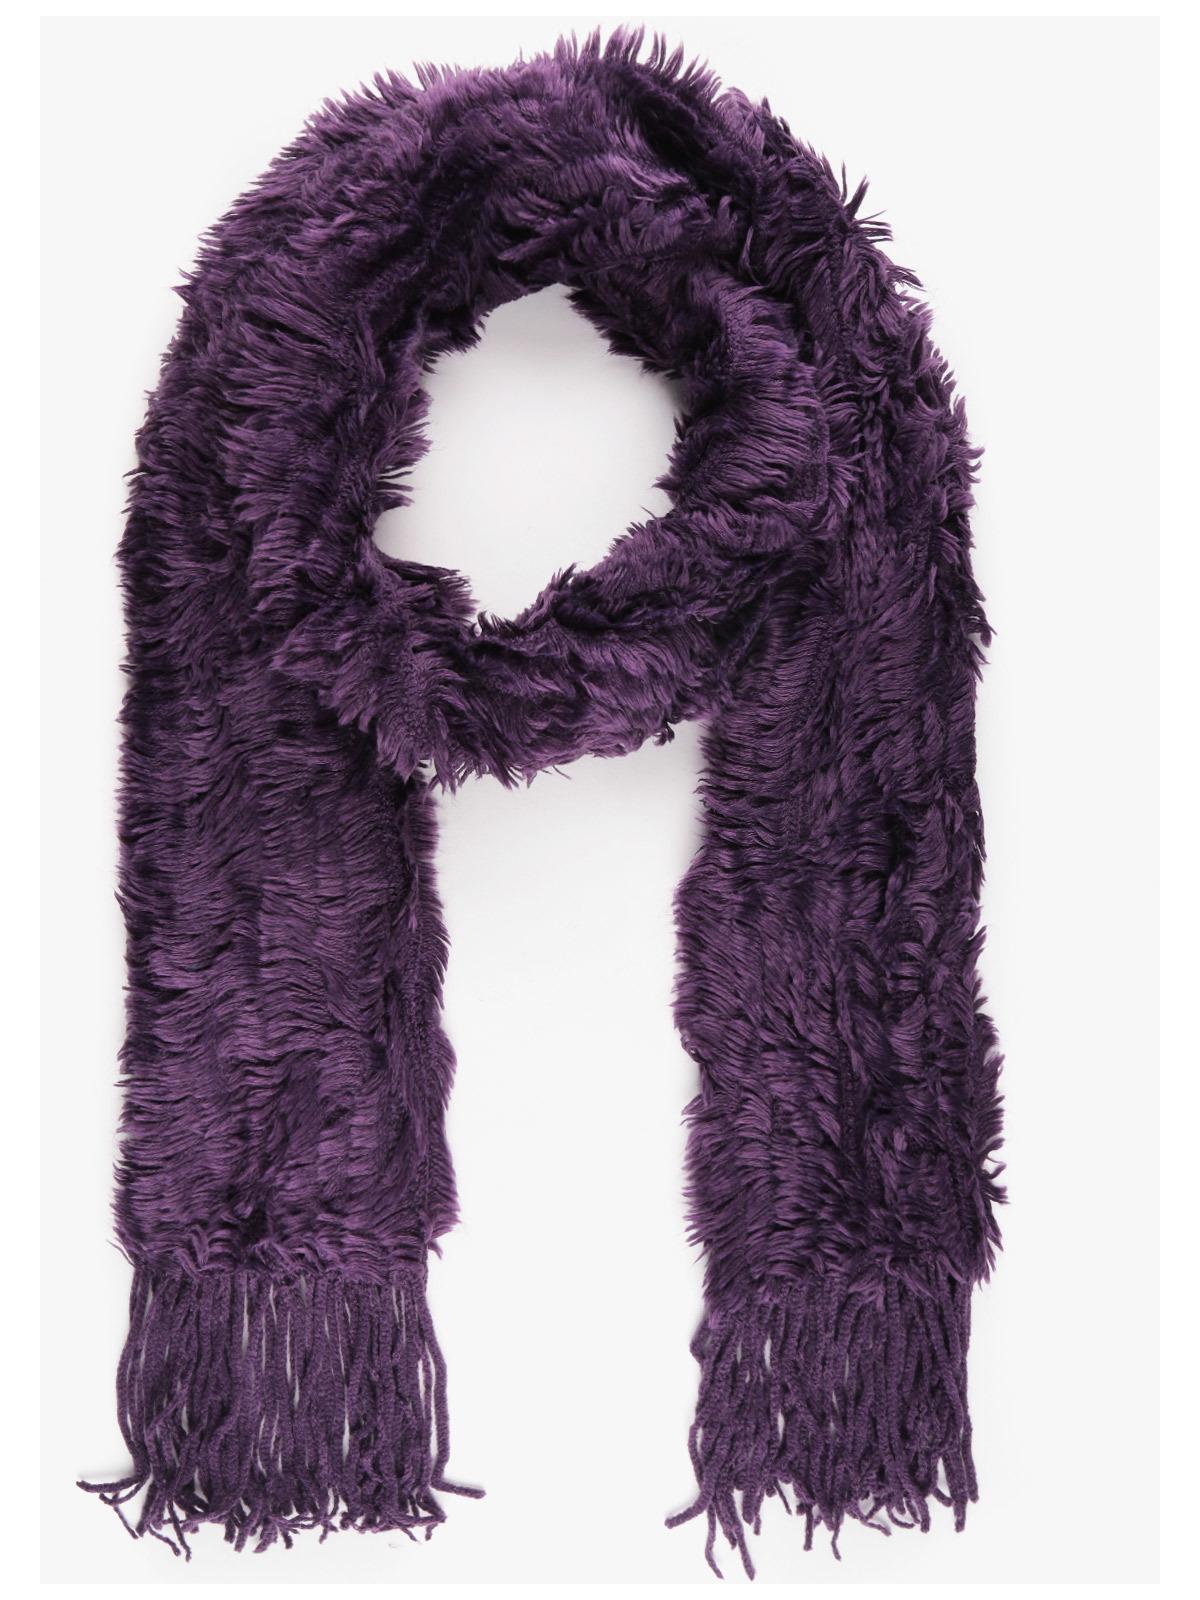 offrire sconti vivido e di grande stile la vendita di scarpe Sciarpa misto lana con pelo e frange solada | MecShopping